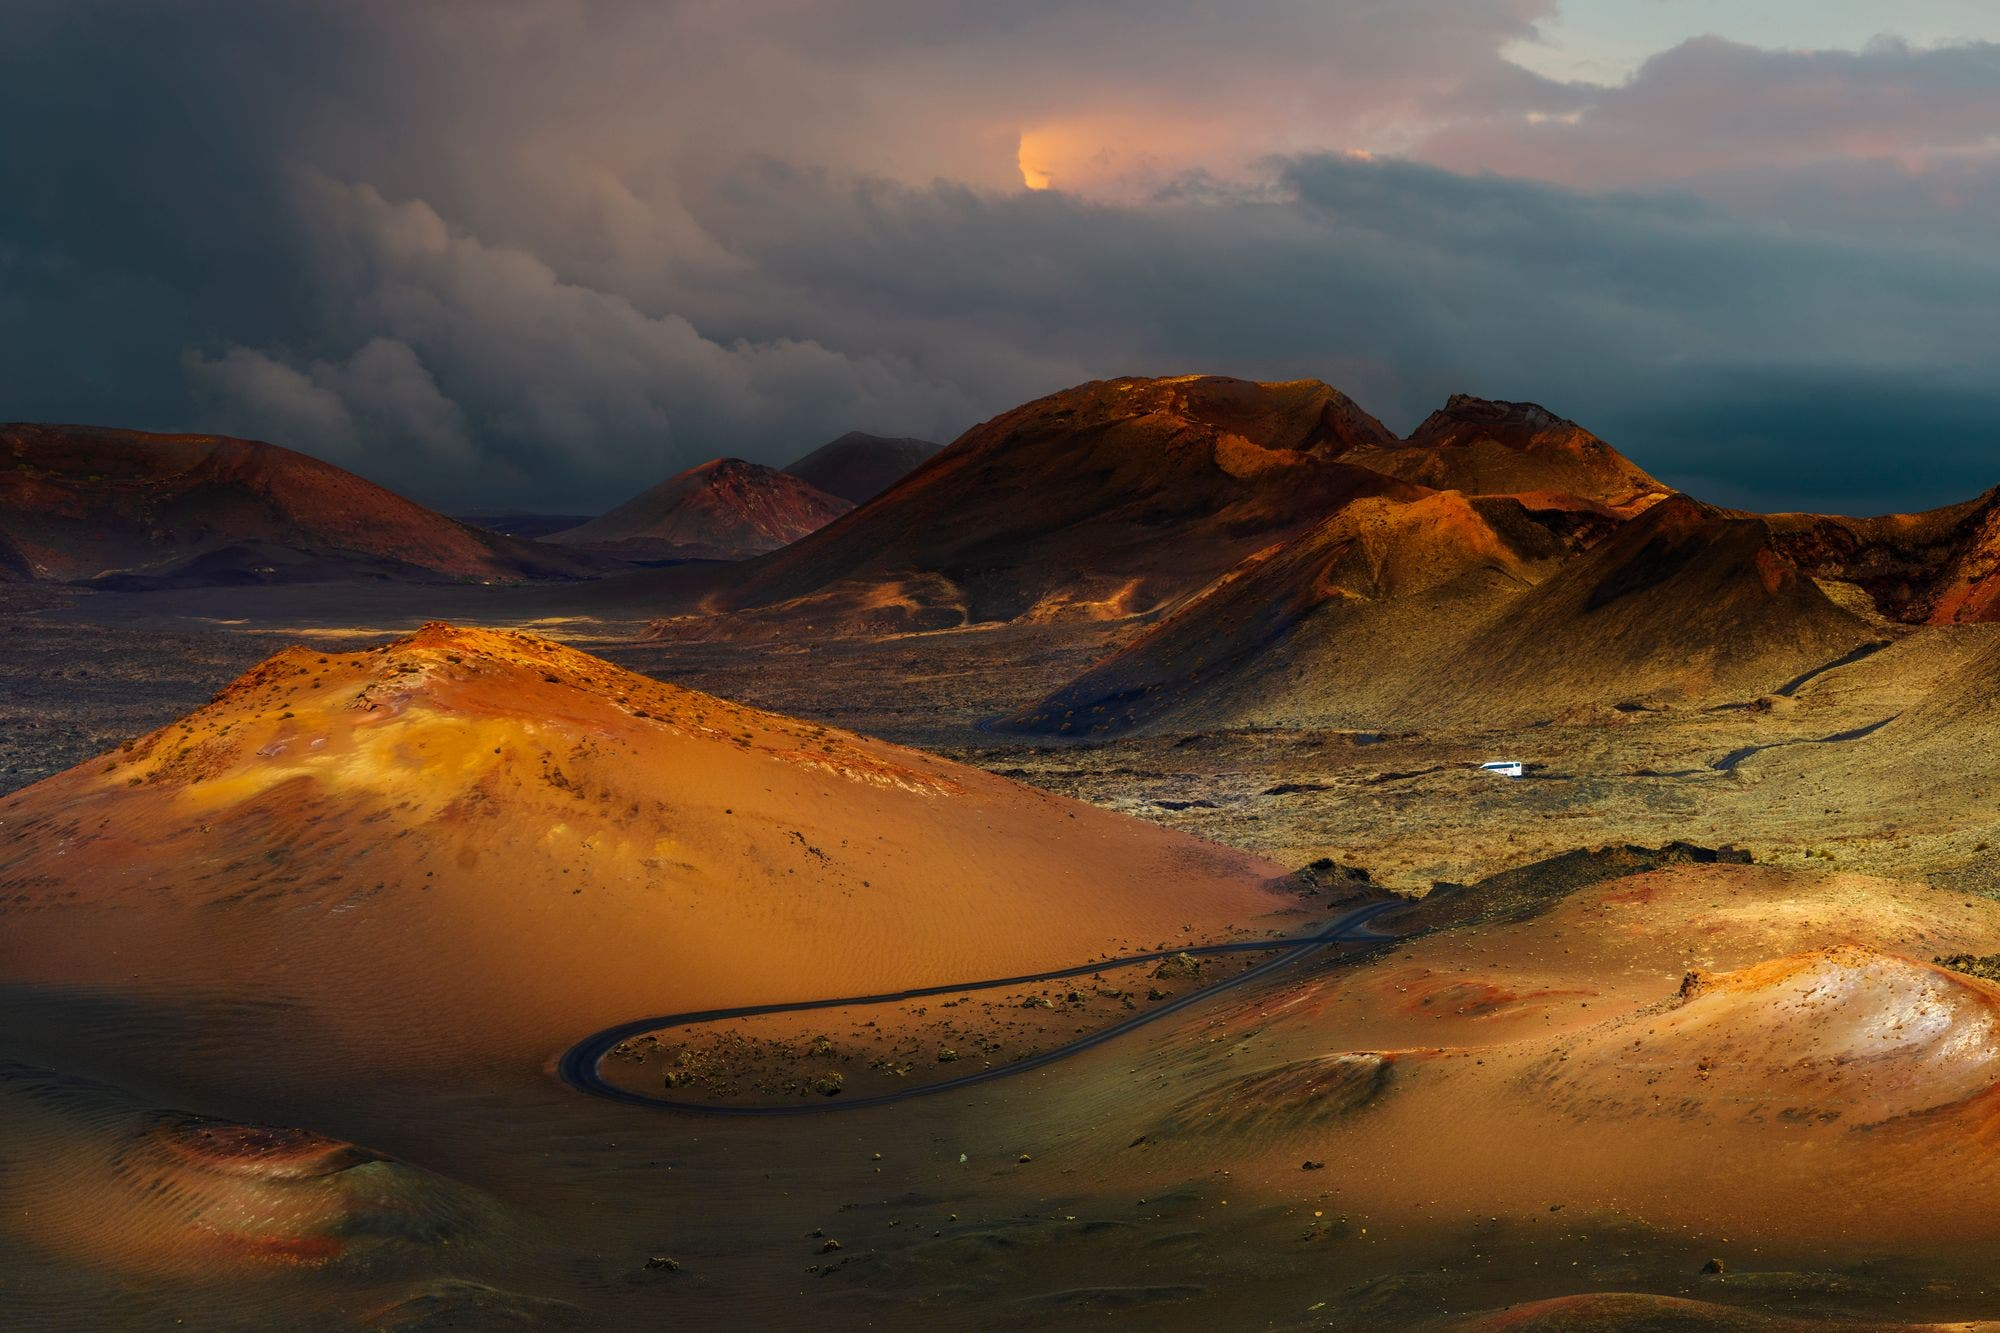 Esta combi sin chofer te lleva de paseo entre volcanes en el Parque Nacional Timanfaya, en España